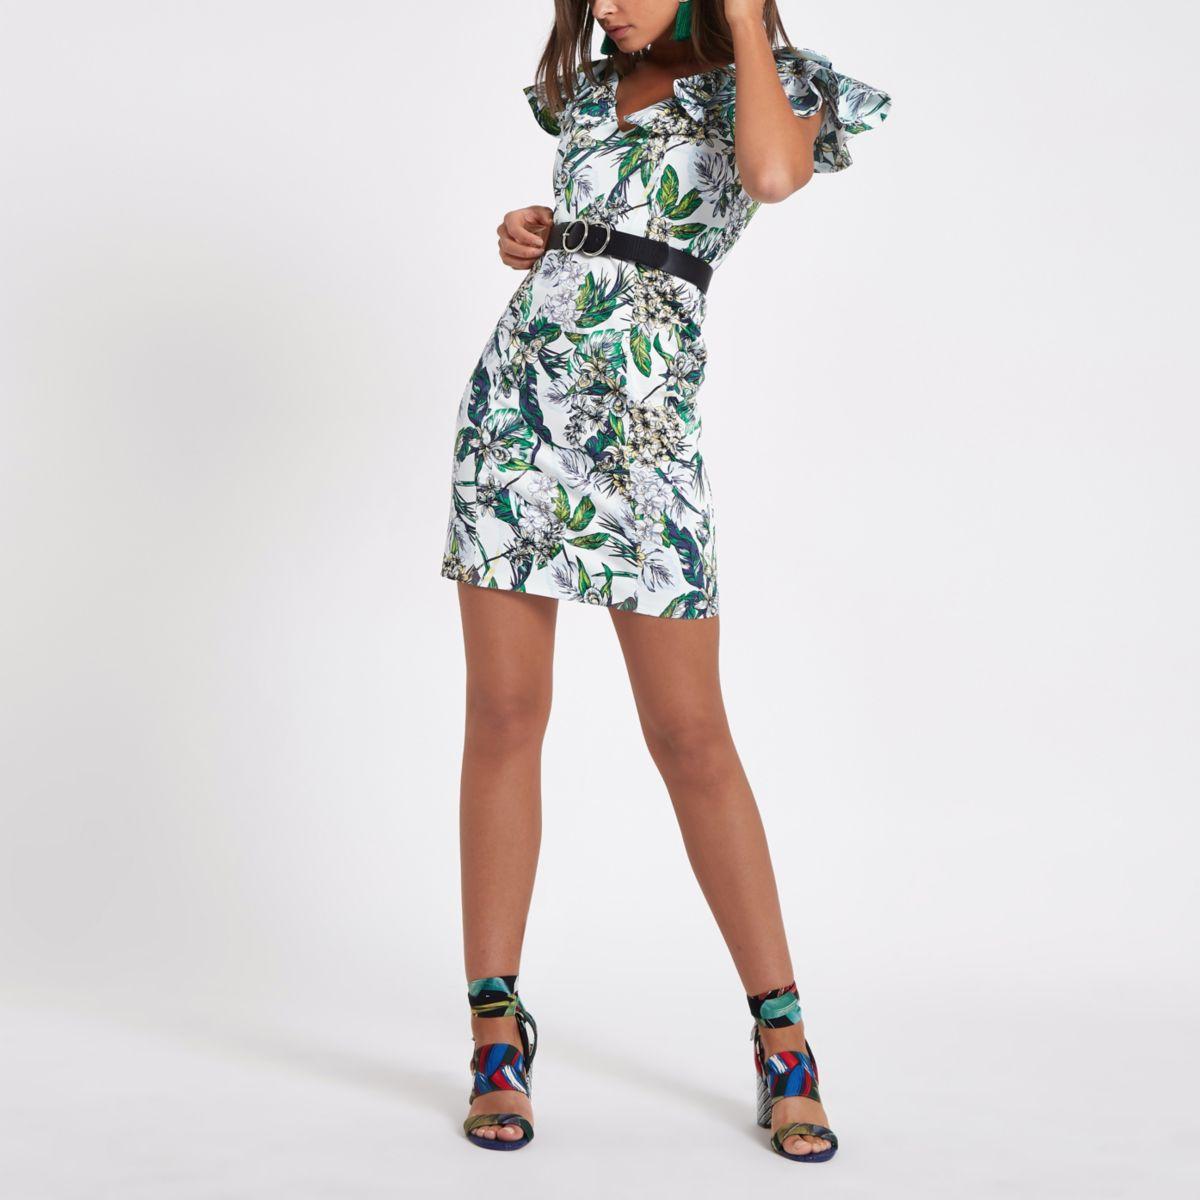 Cream floral frill bodycon mini dress